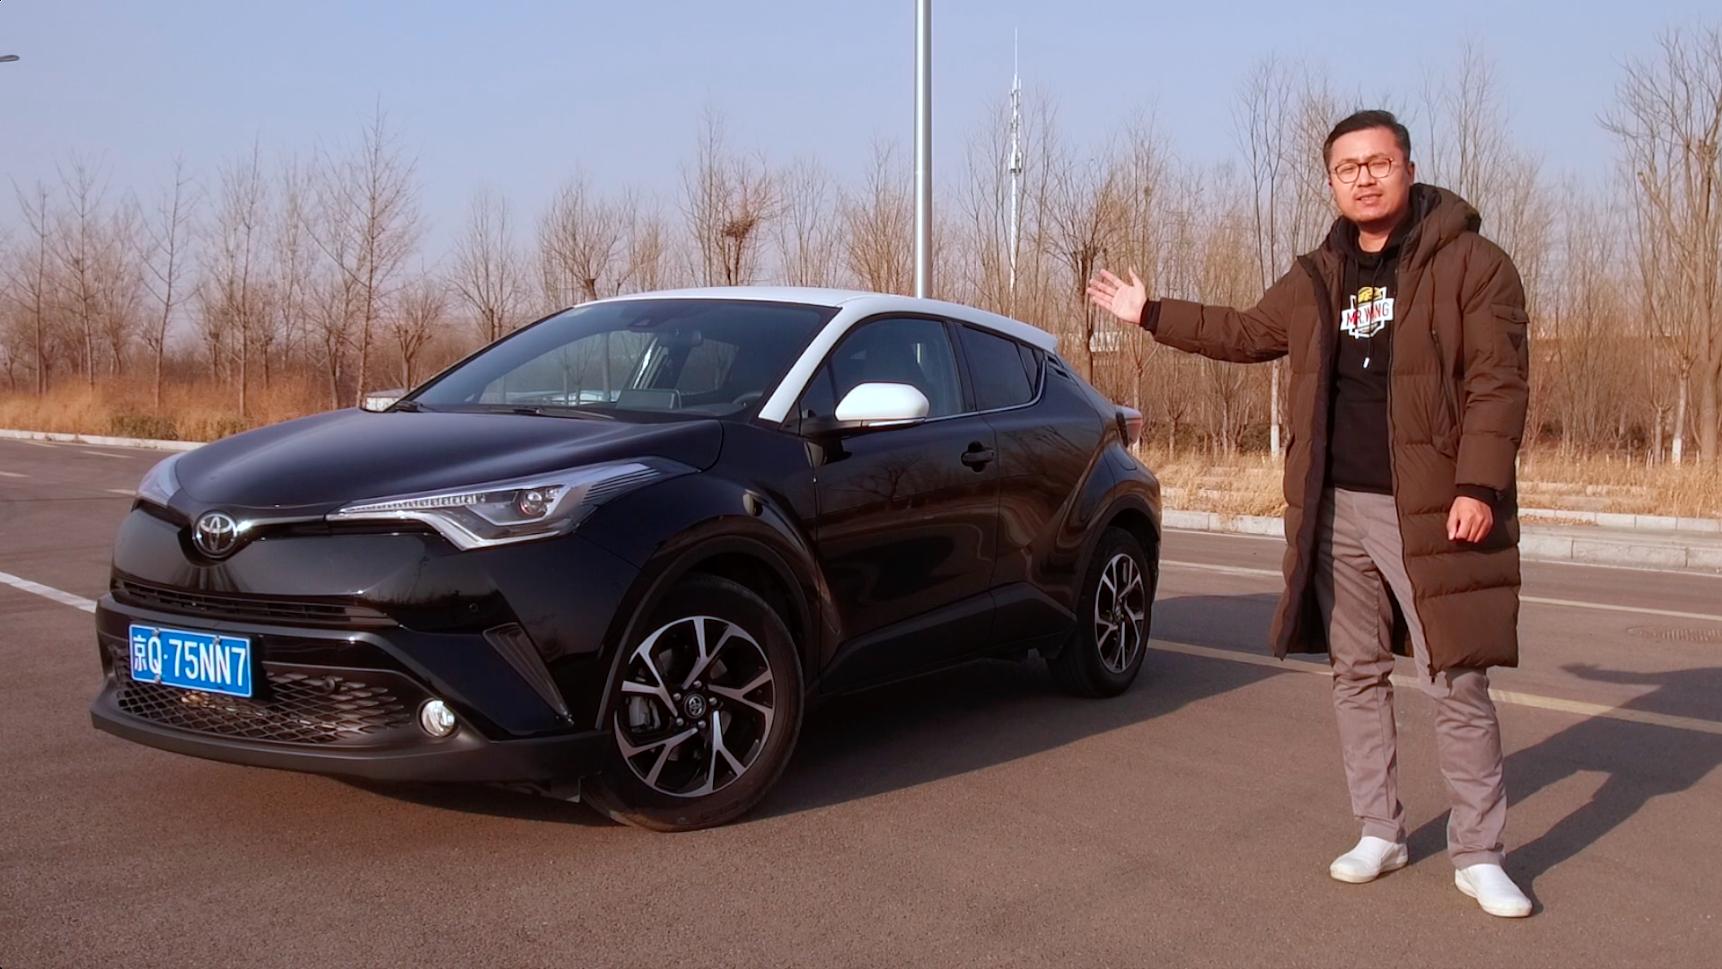 颜值和驾驶感受都爆表的小型SUV广汽丰田C-HR